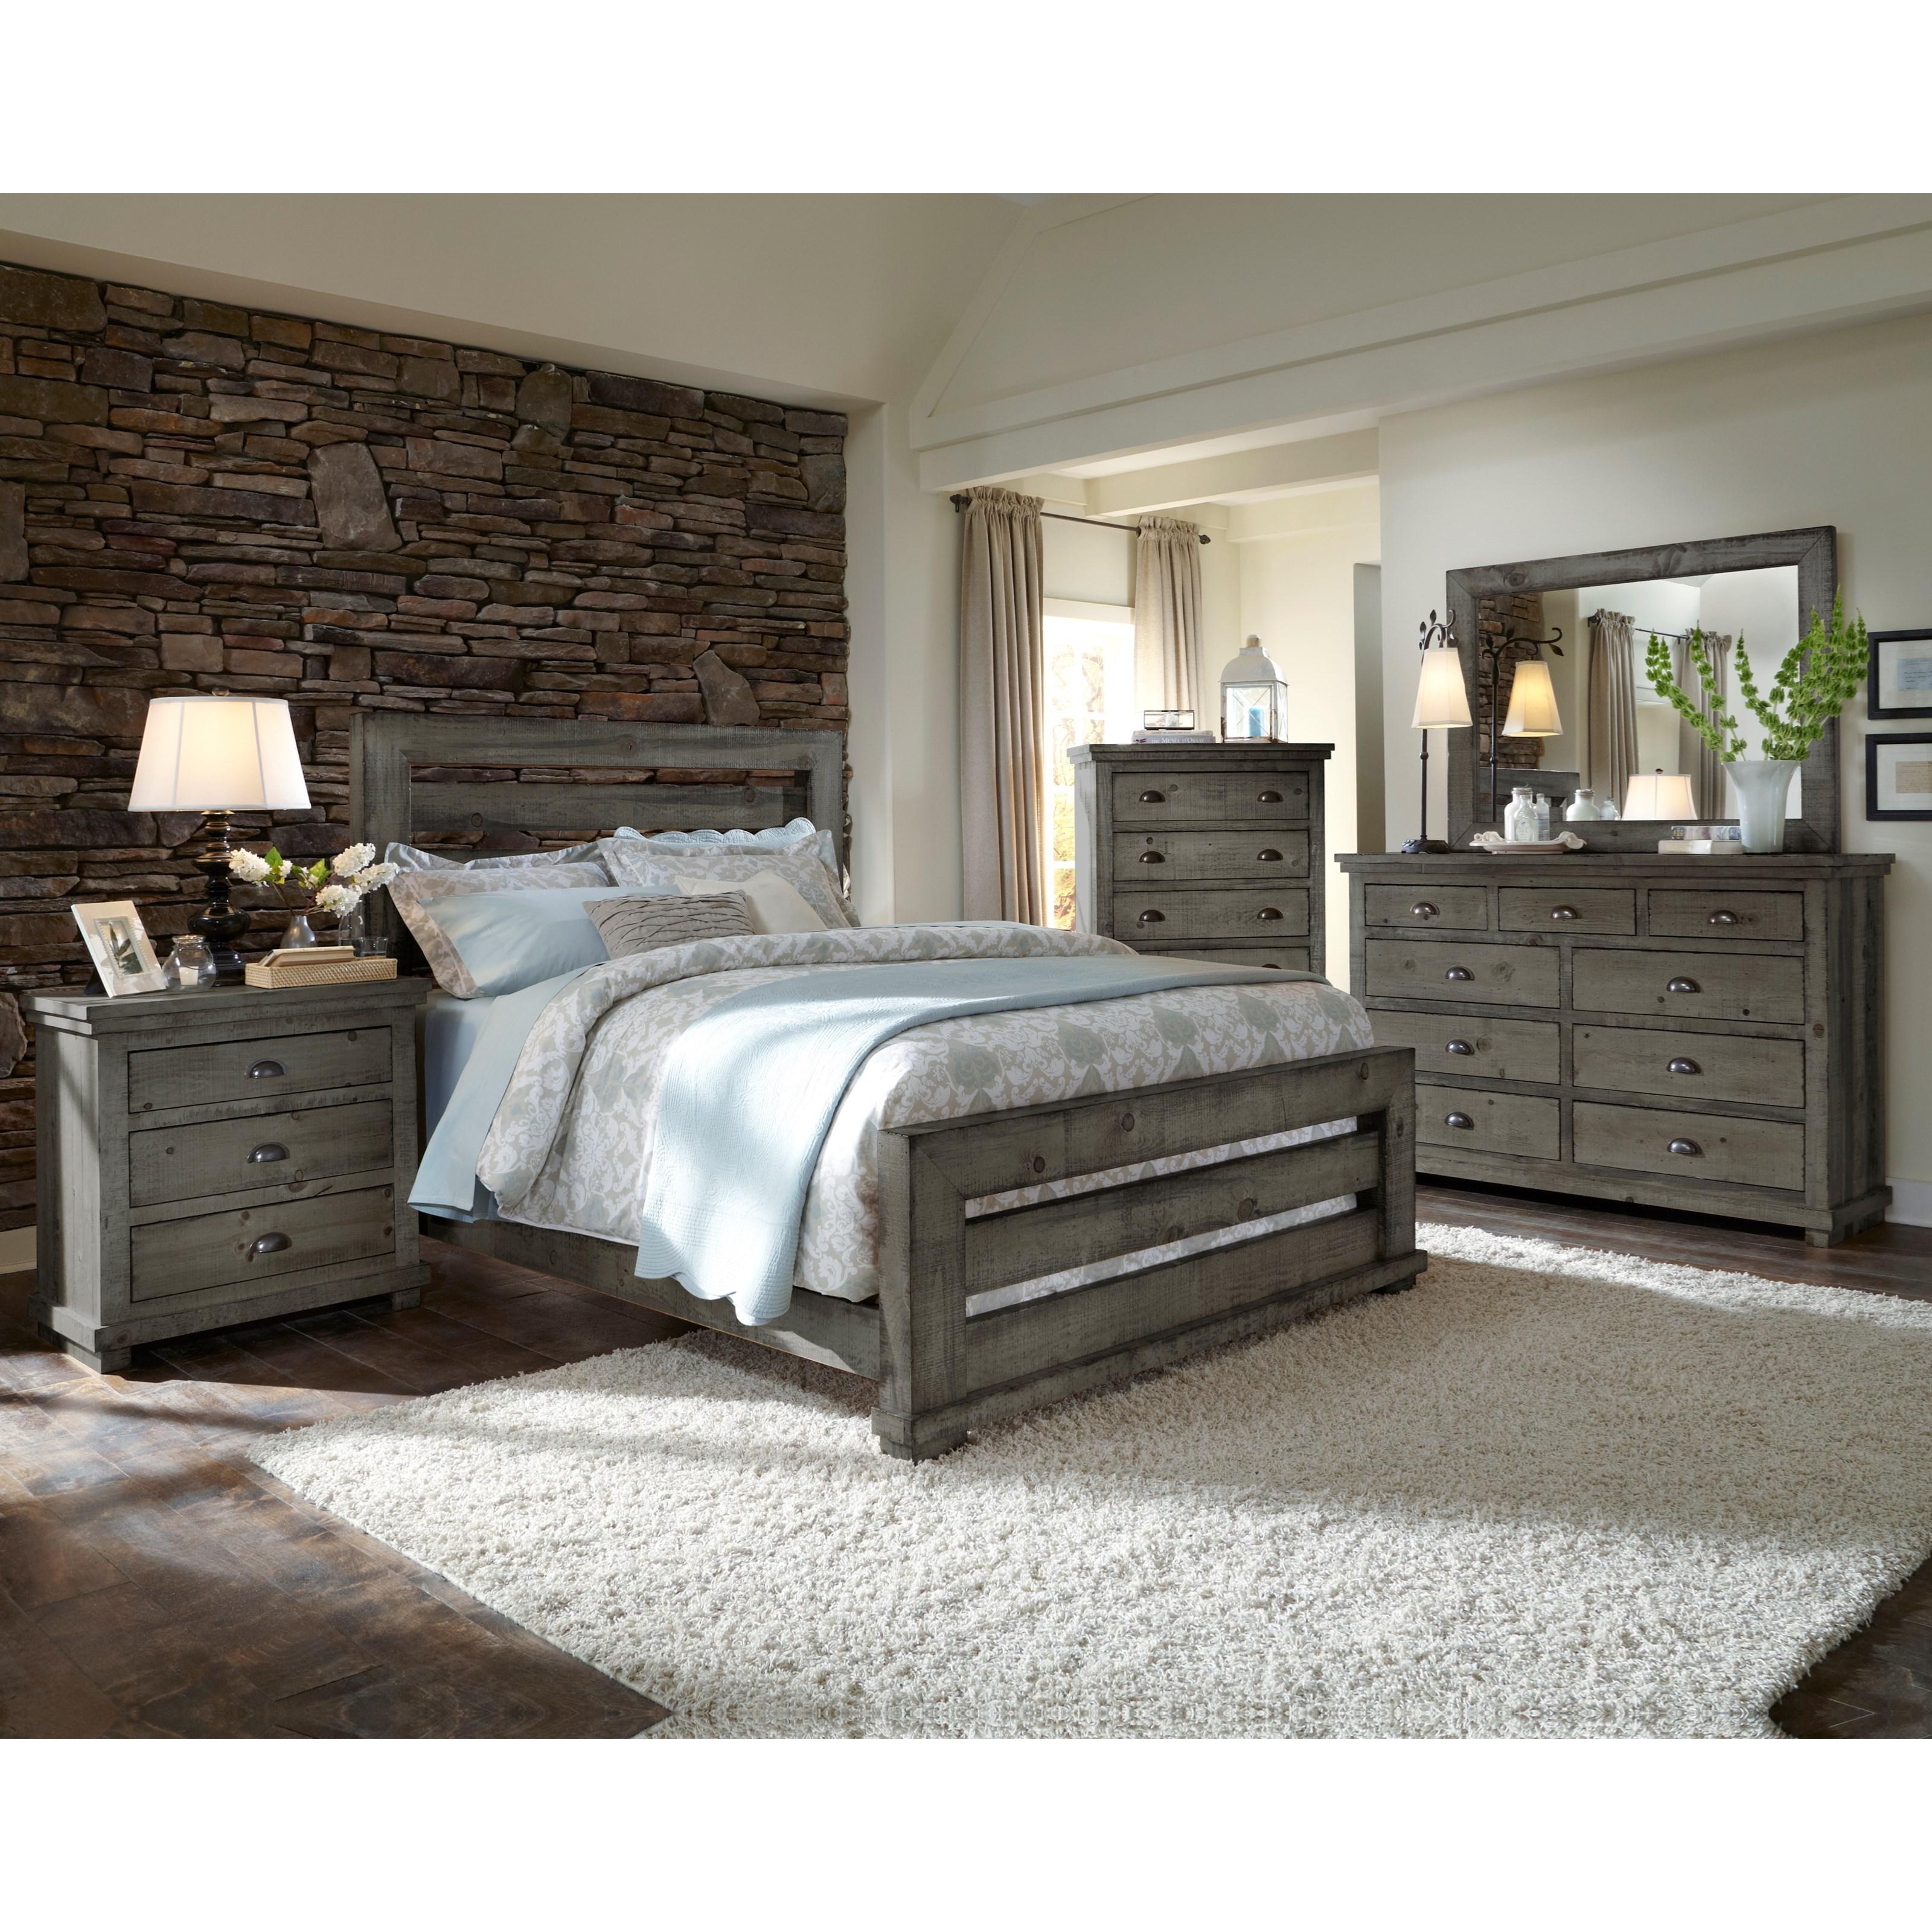 Bedroom Furniture Manufacturer: Progressive Furniture Willow King Bedroom Group